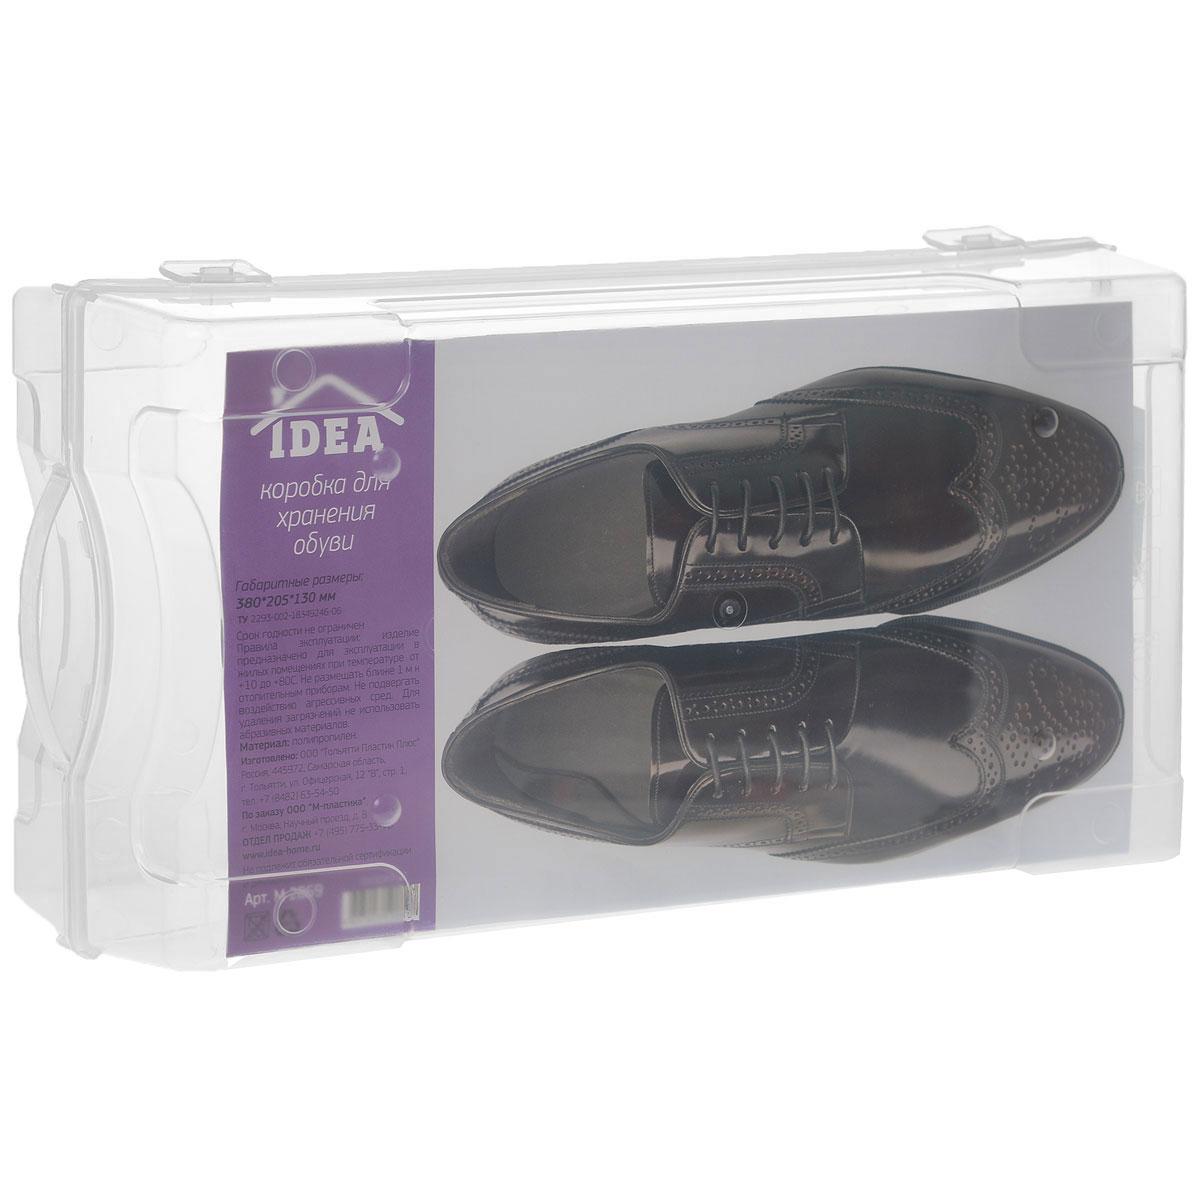 Коробка для хранения обуви Idea, 38 см х 20,5 см х 13 смМ 2869Коробка Idea изготовлена из прозрачного пластика. Изделие специально предназначено для хранения одной пары мужской обуви. Закрывается коробка на две защелки.Коробка имеет ручку для удобства ее транспортировки.Коробка для хранения Idea - идеальное решение для аккуратного хранения вашей обуви. Уважаемые клиенты! Обращаем ваше внимание на тот факт, чтокоробка поставляется в собранном виде.